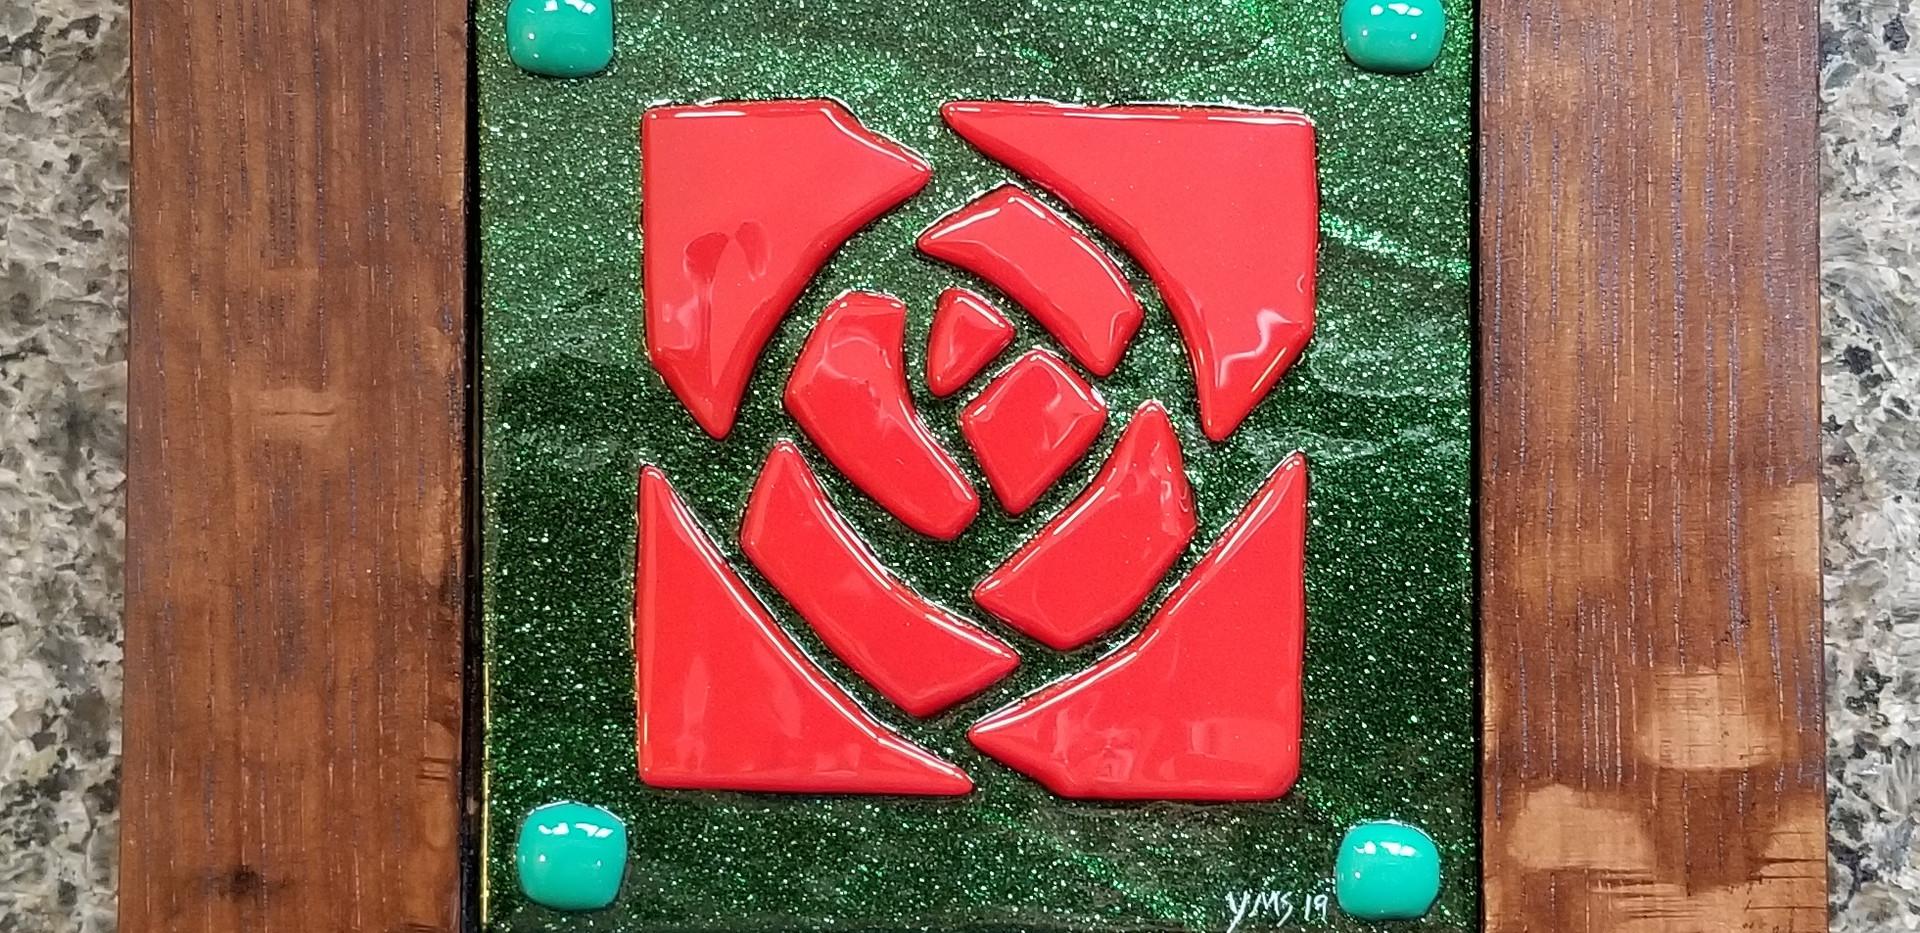 Roycroft Rose